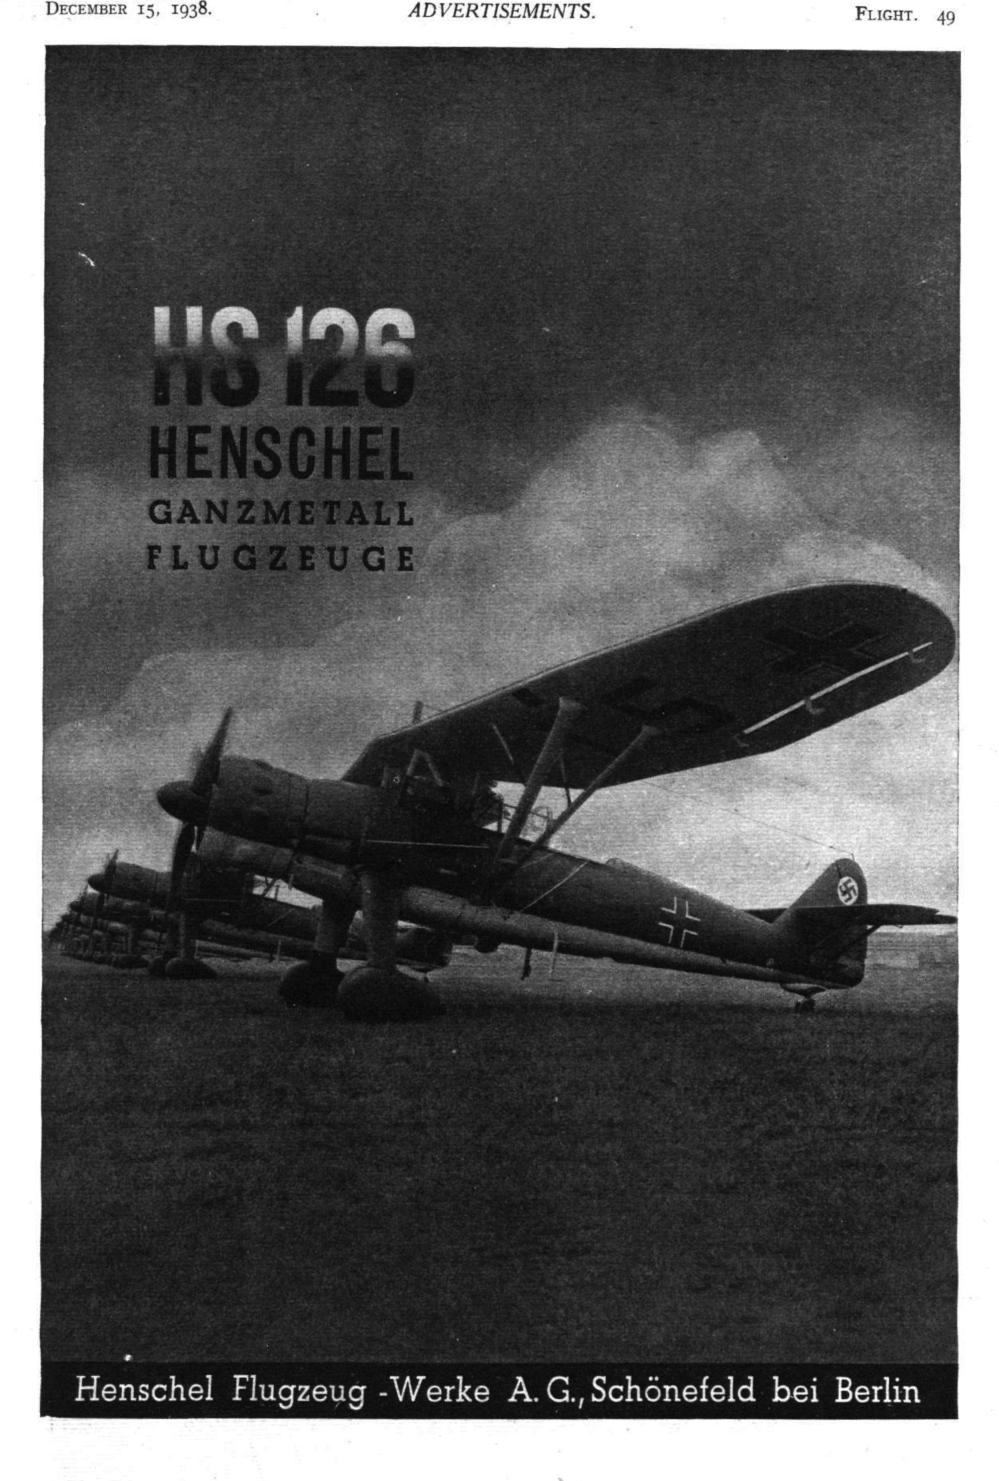 HenschelHs126_1938 - 3559